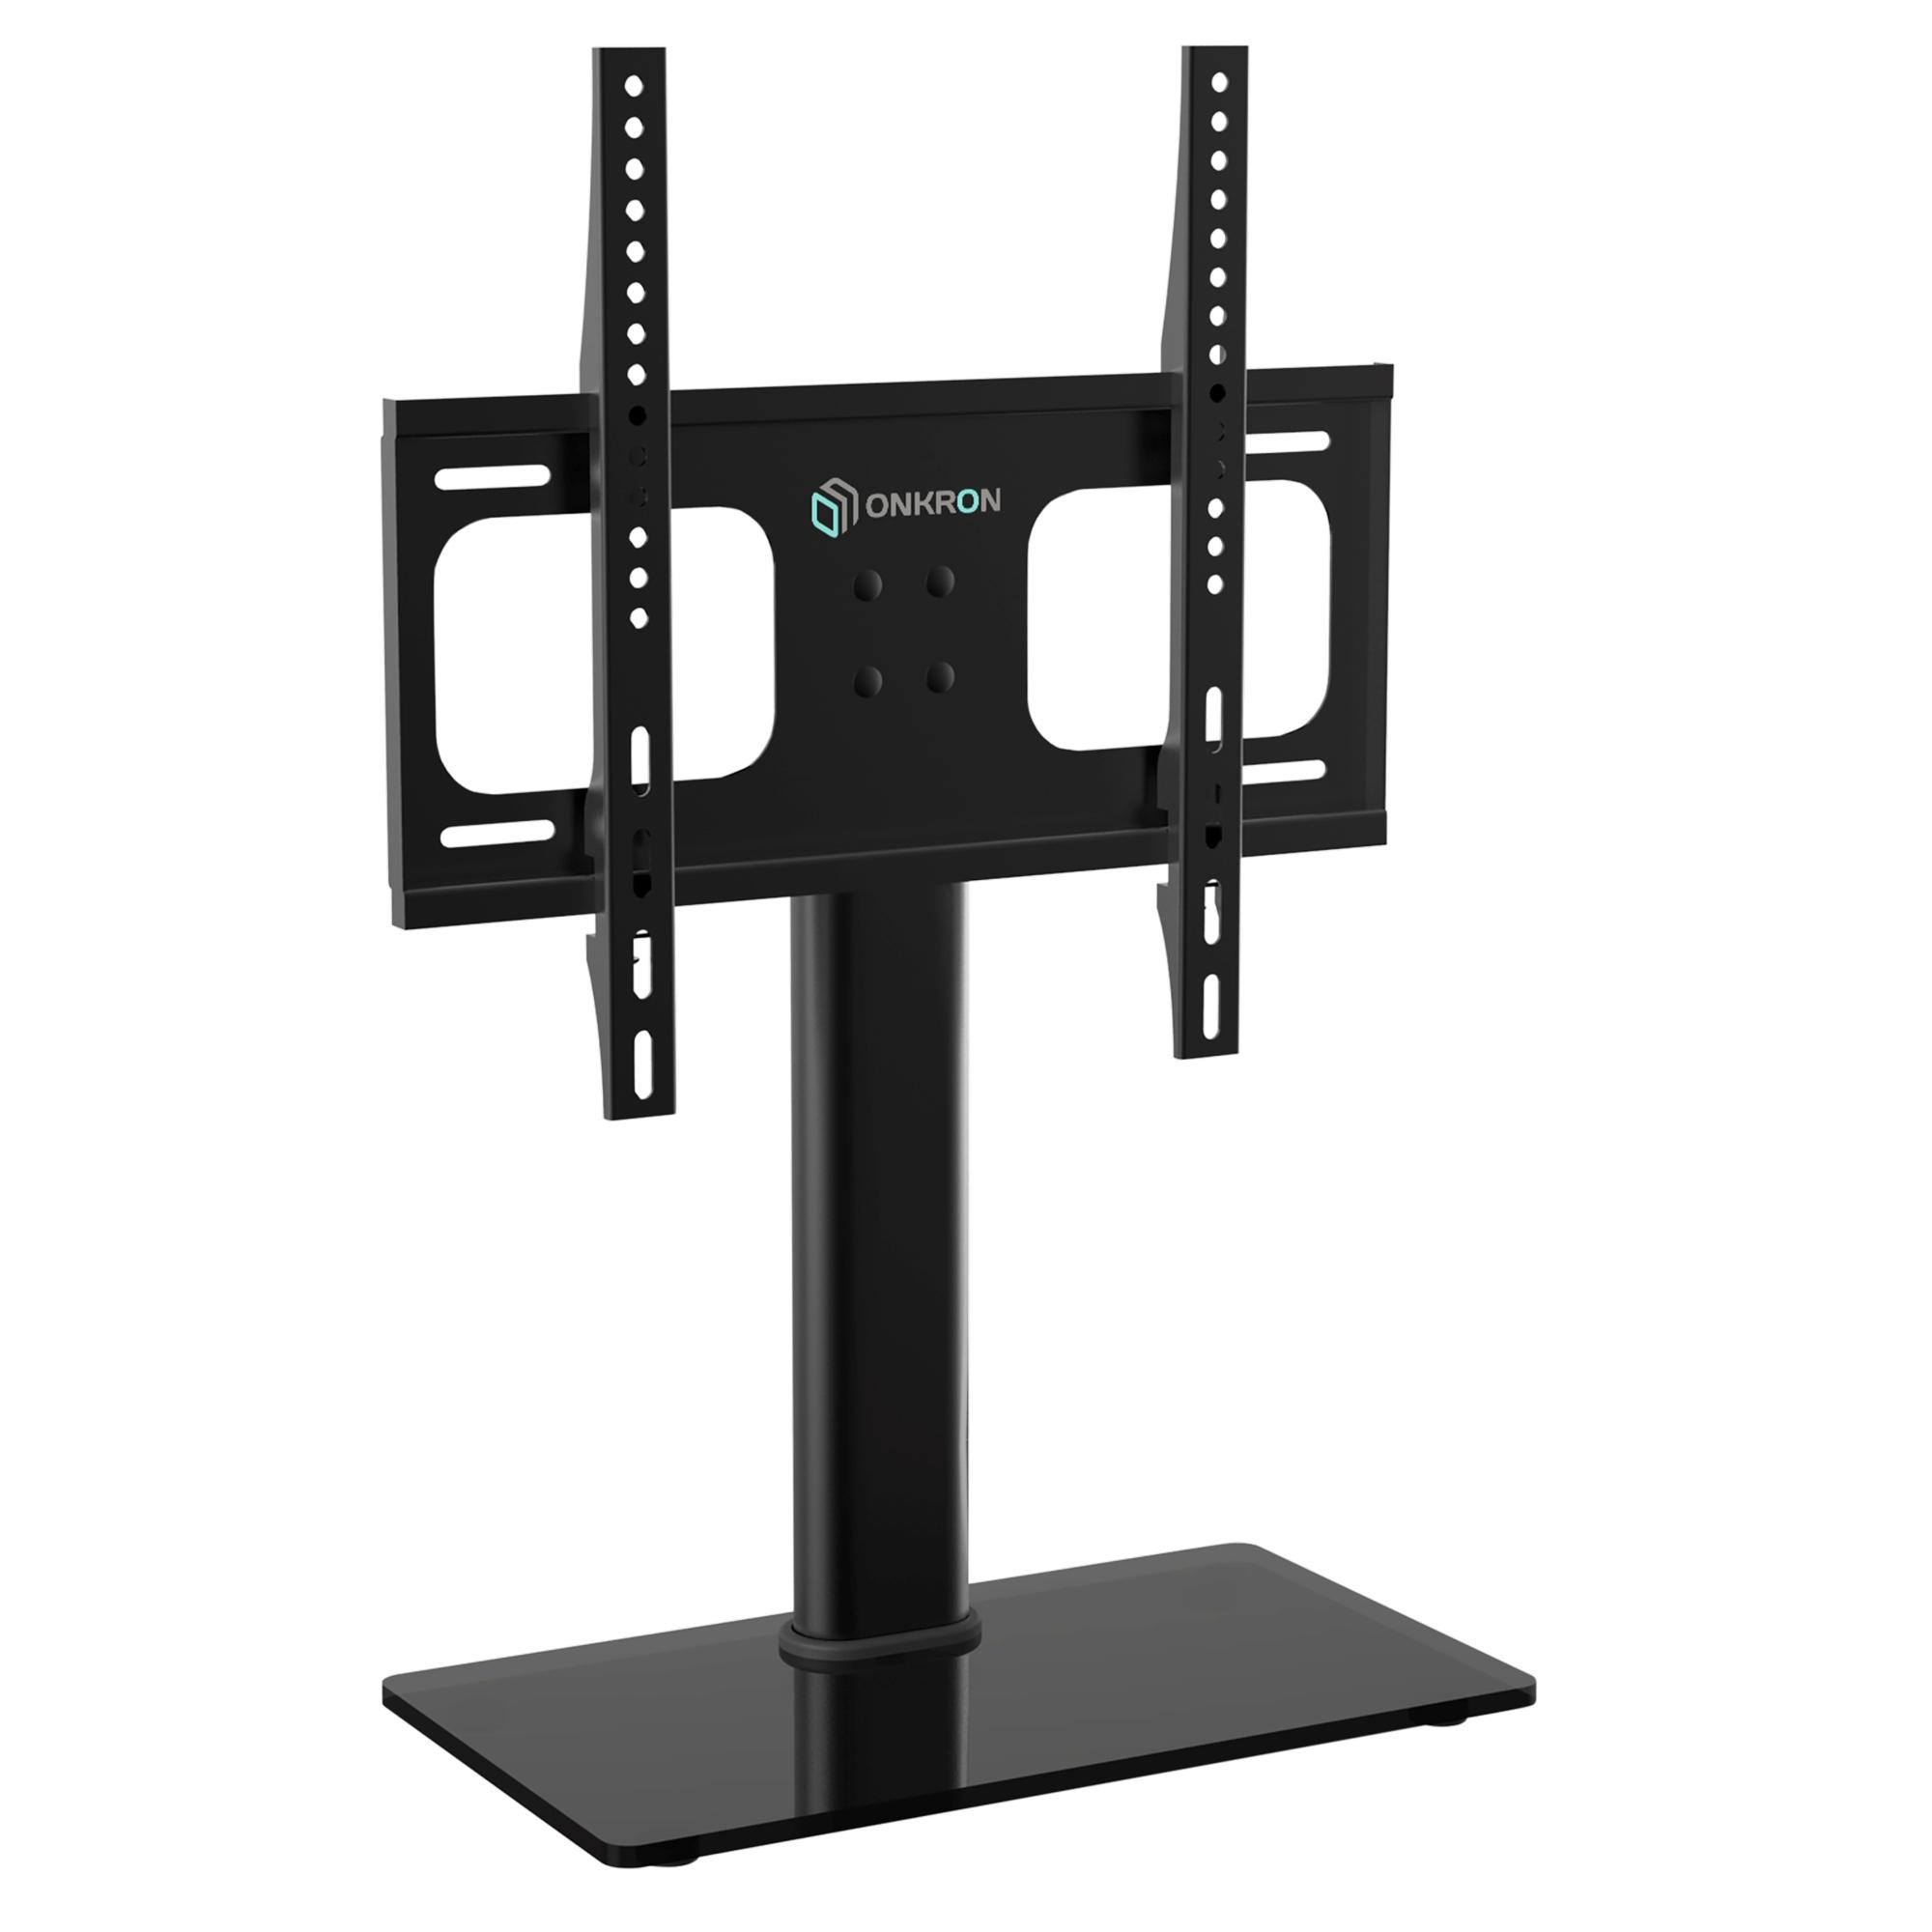 Onkron - Универсальная настольная подставка для жк телевизоров PT1